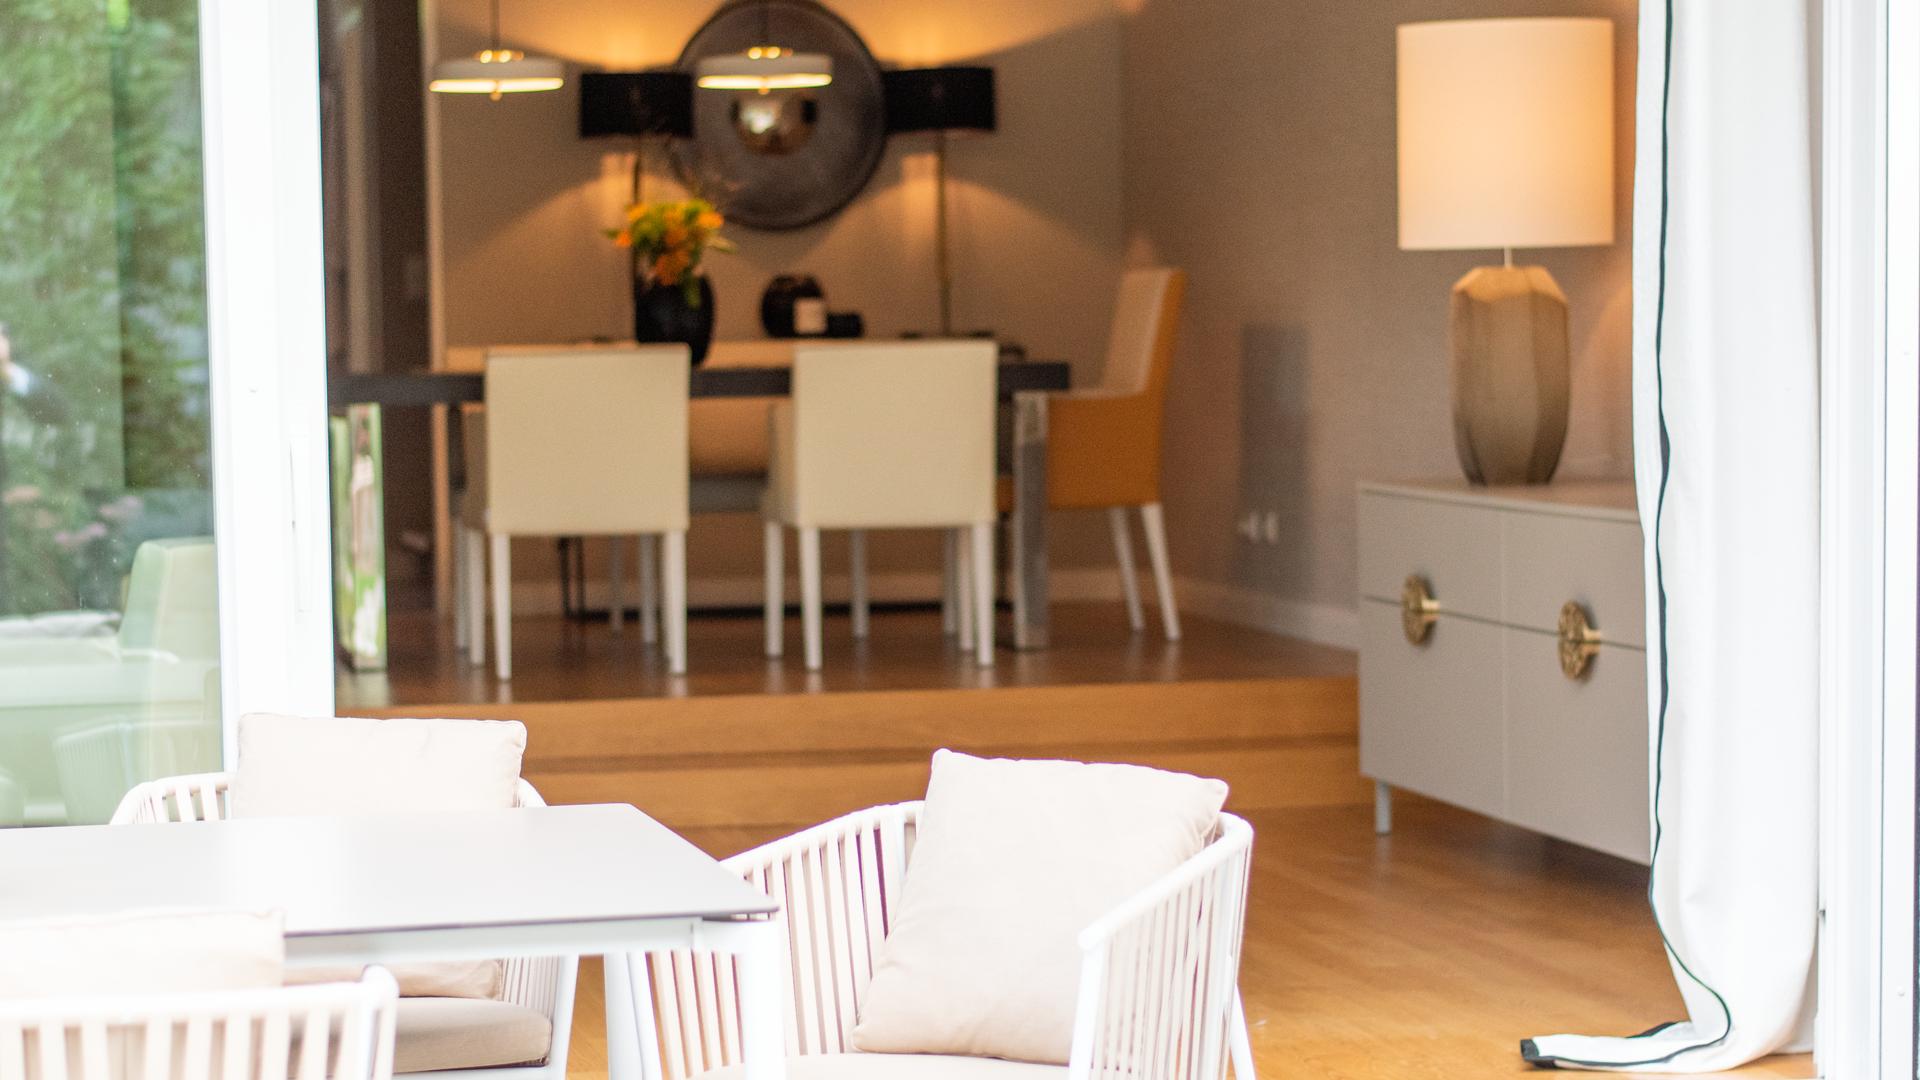 Esstisch Stuhl Essstuhl Esszimmerstuhl Lounge Outdoor Möbel